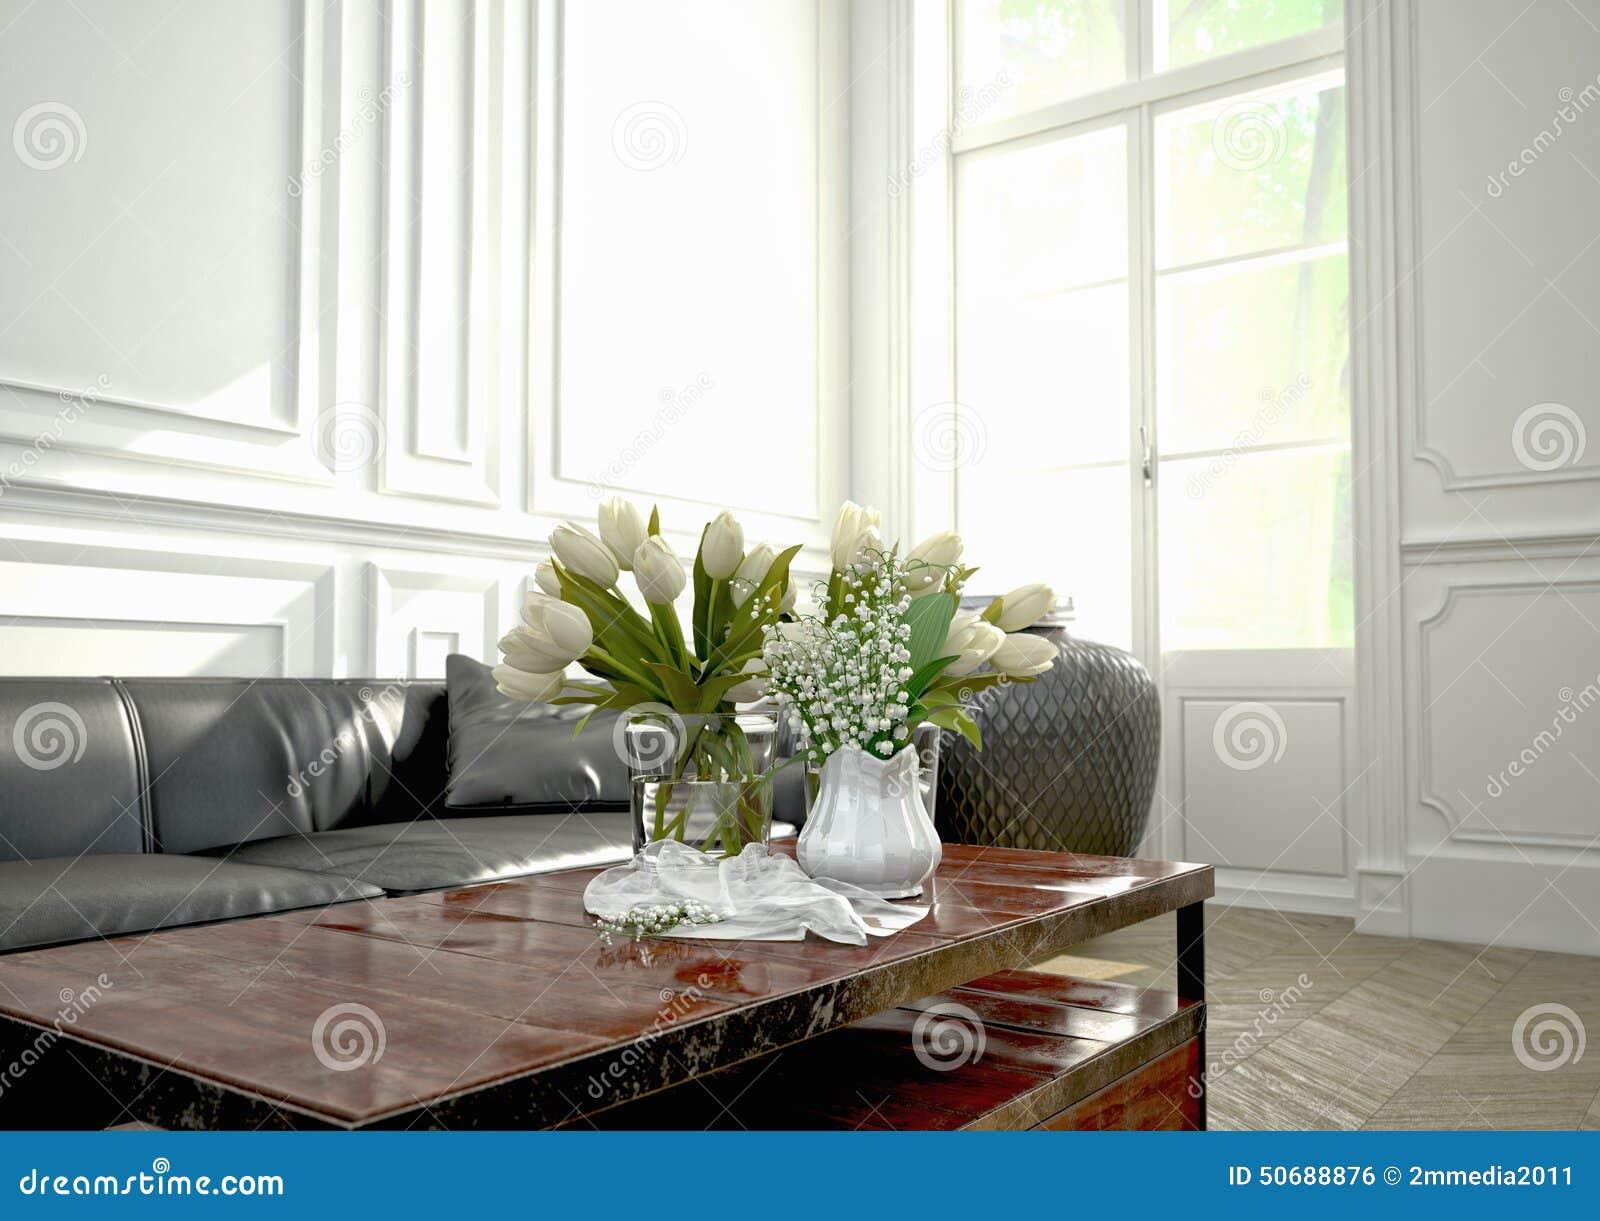 Download 室内设计,客厅 3d翻译 库存照片. 图片 包括有 楼层, 创造性, 装饰, 居住, 典雅, 椅子, 地毯 - 50688876